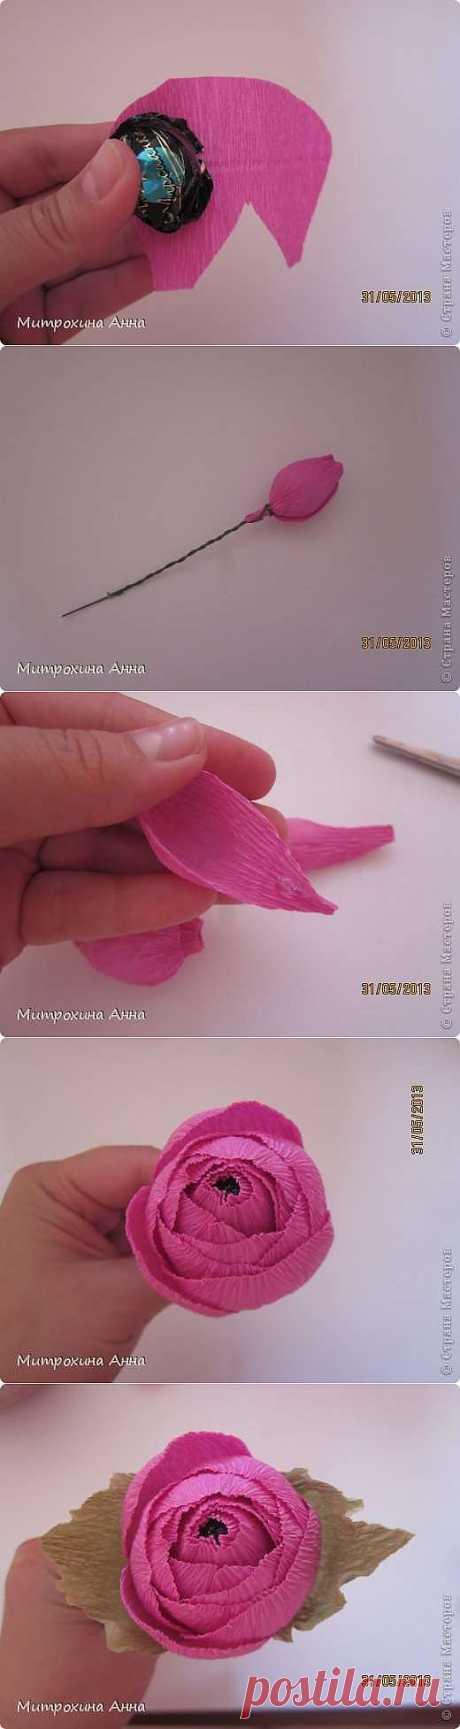 Как сделать английскую розу из гофрированной бумаги -